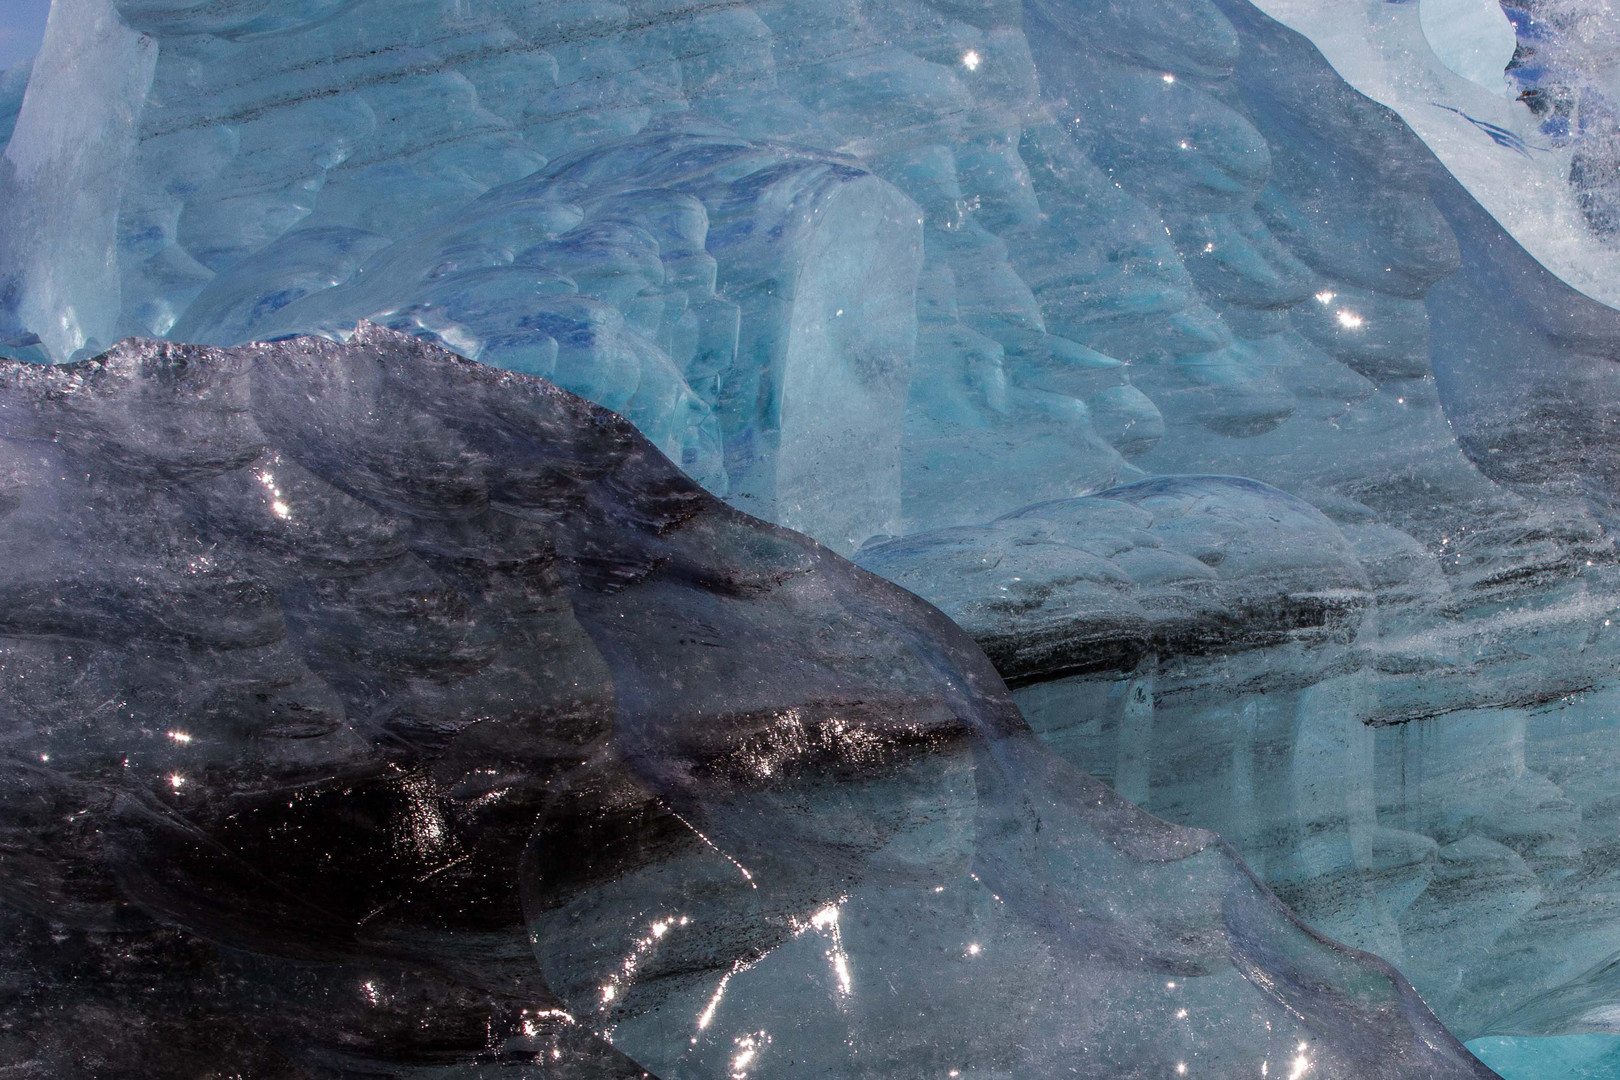 Blauschwarzes Eisgebilde